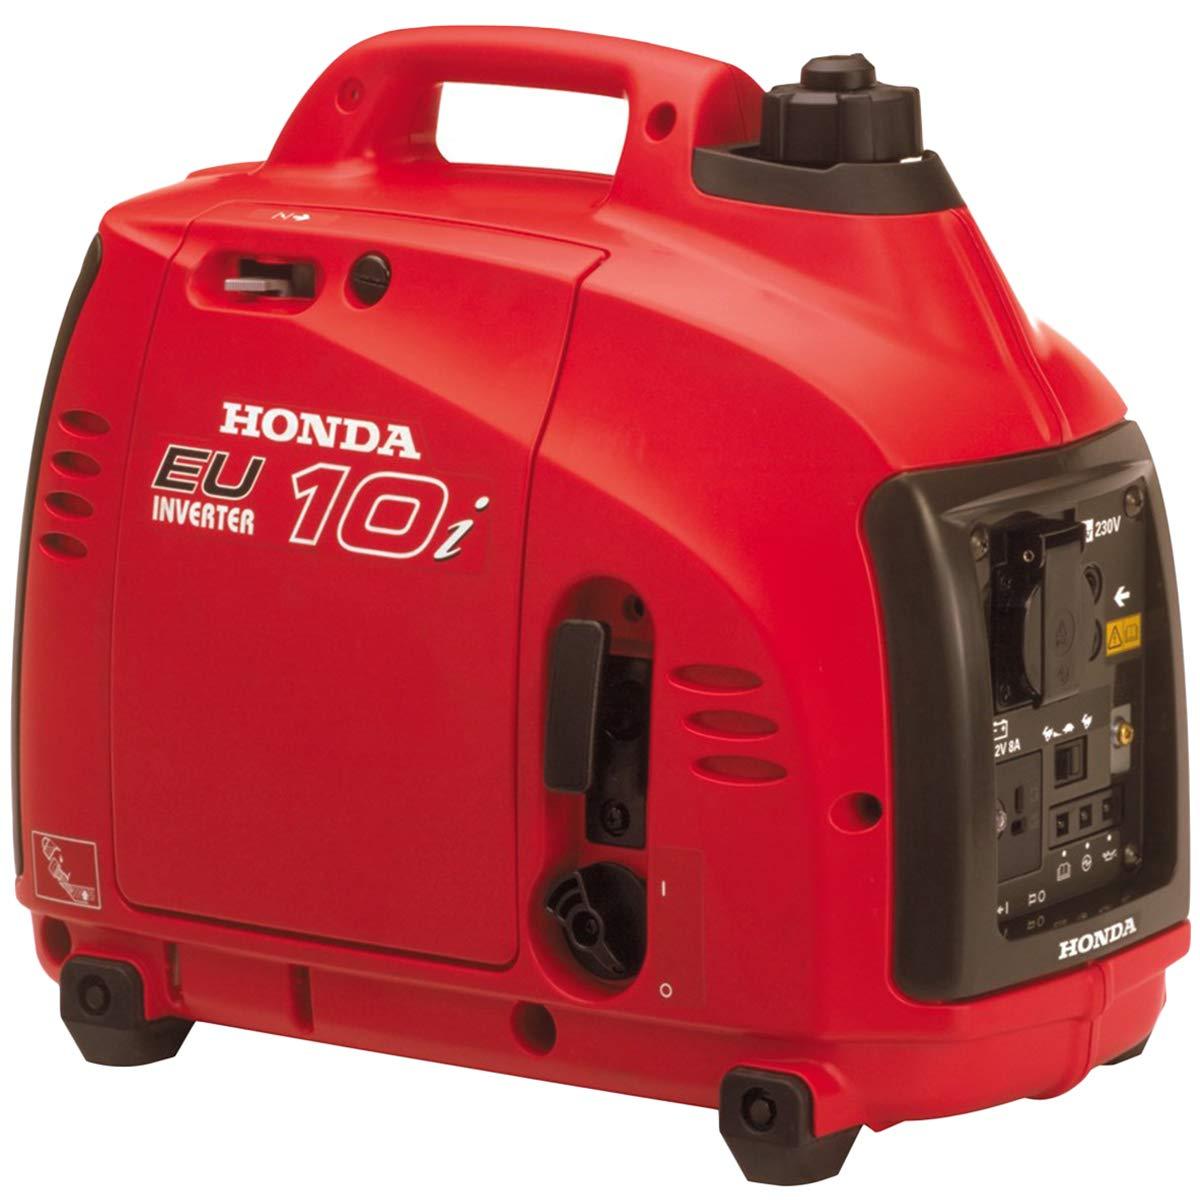 HONDA POWER Light generator Eu10I Generators